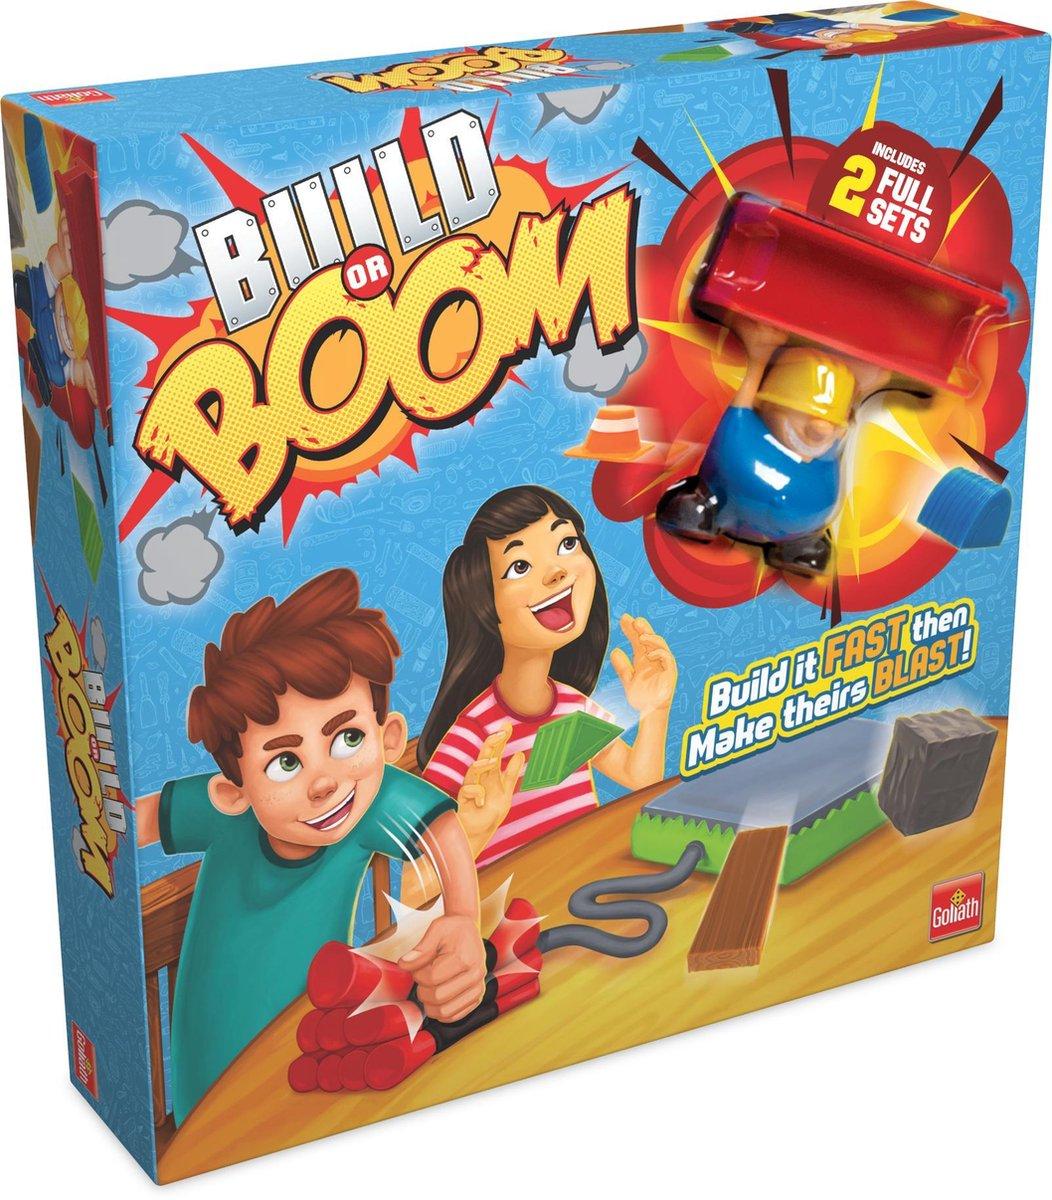 Build or Boom - Kinderspel